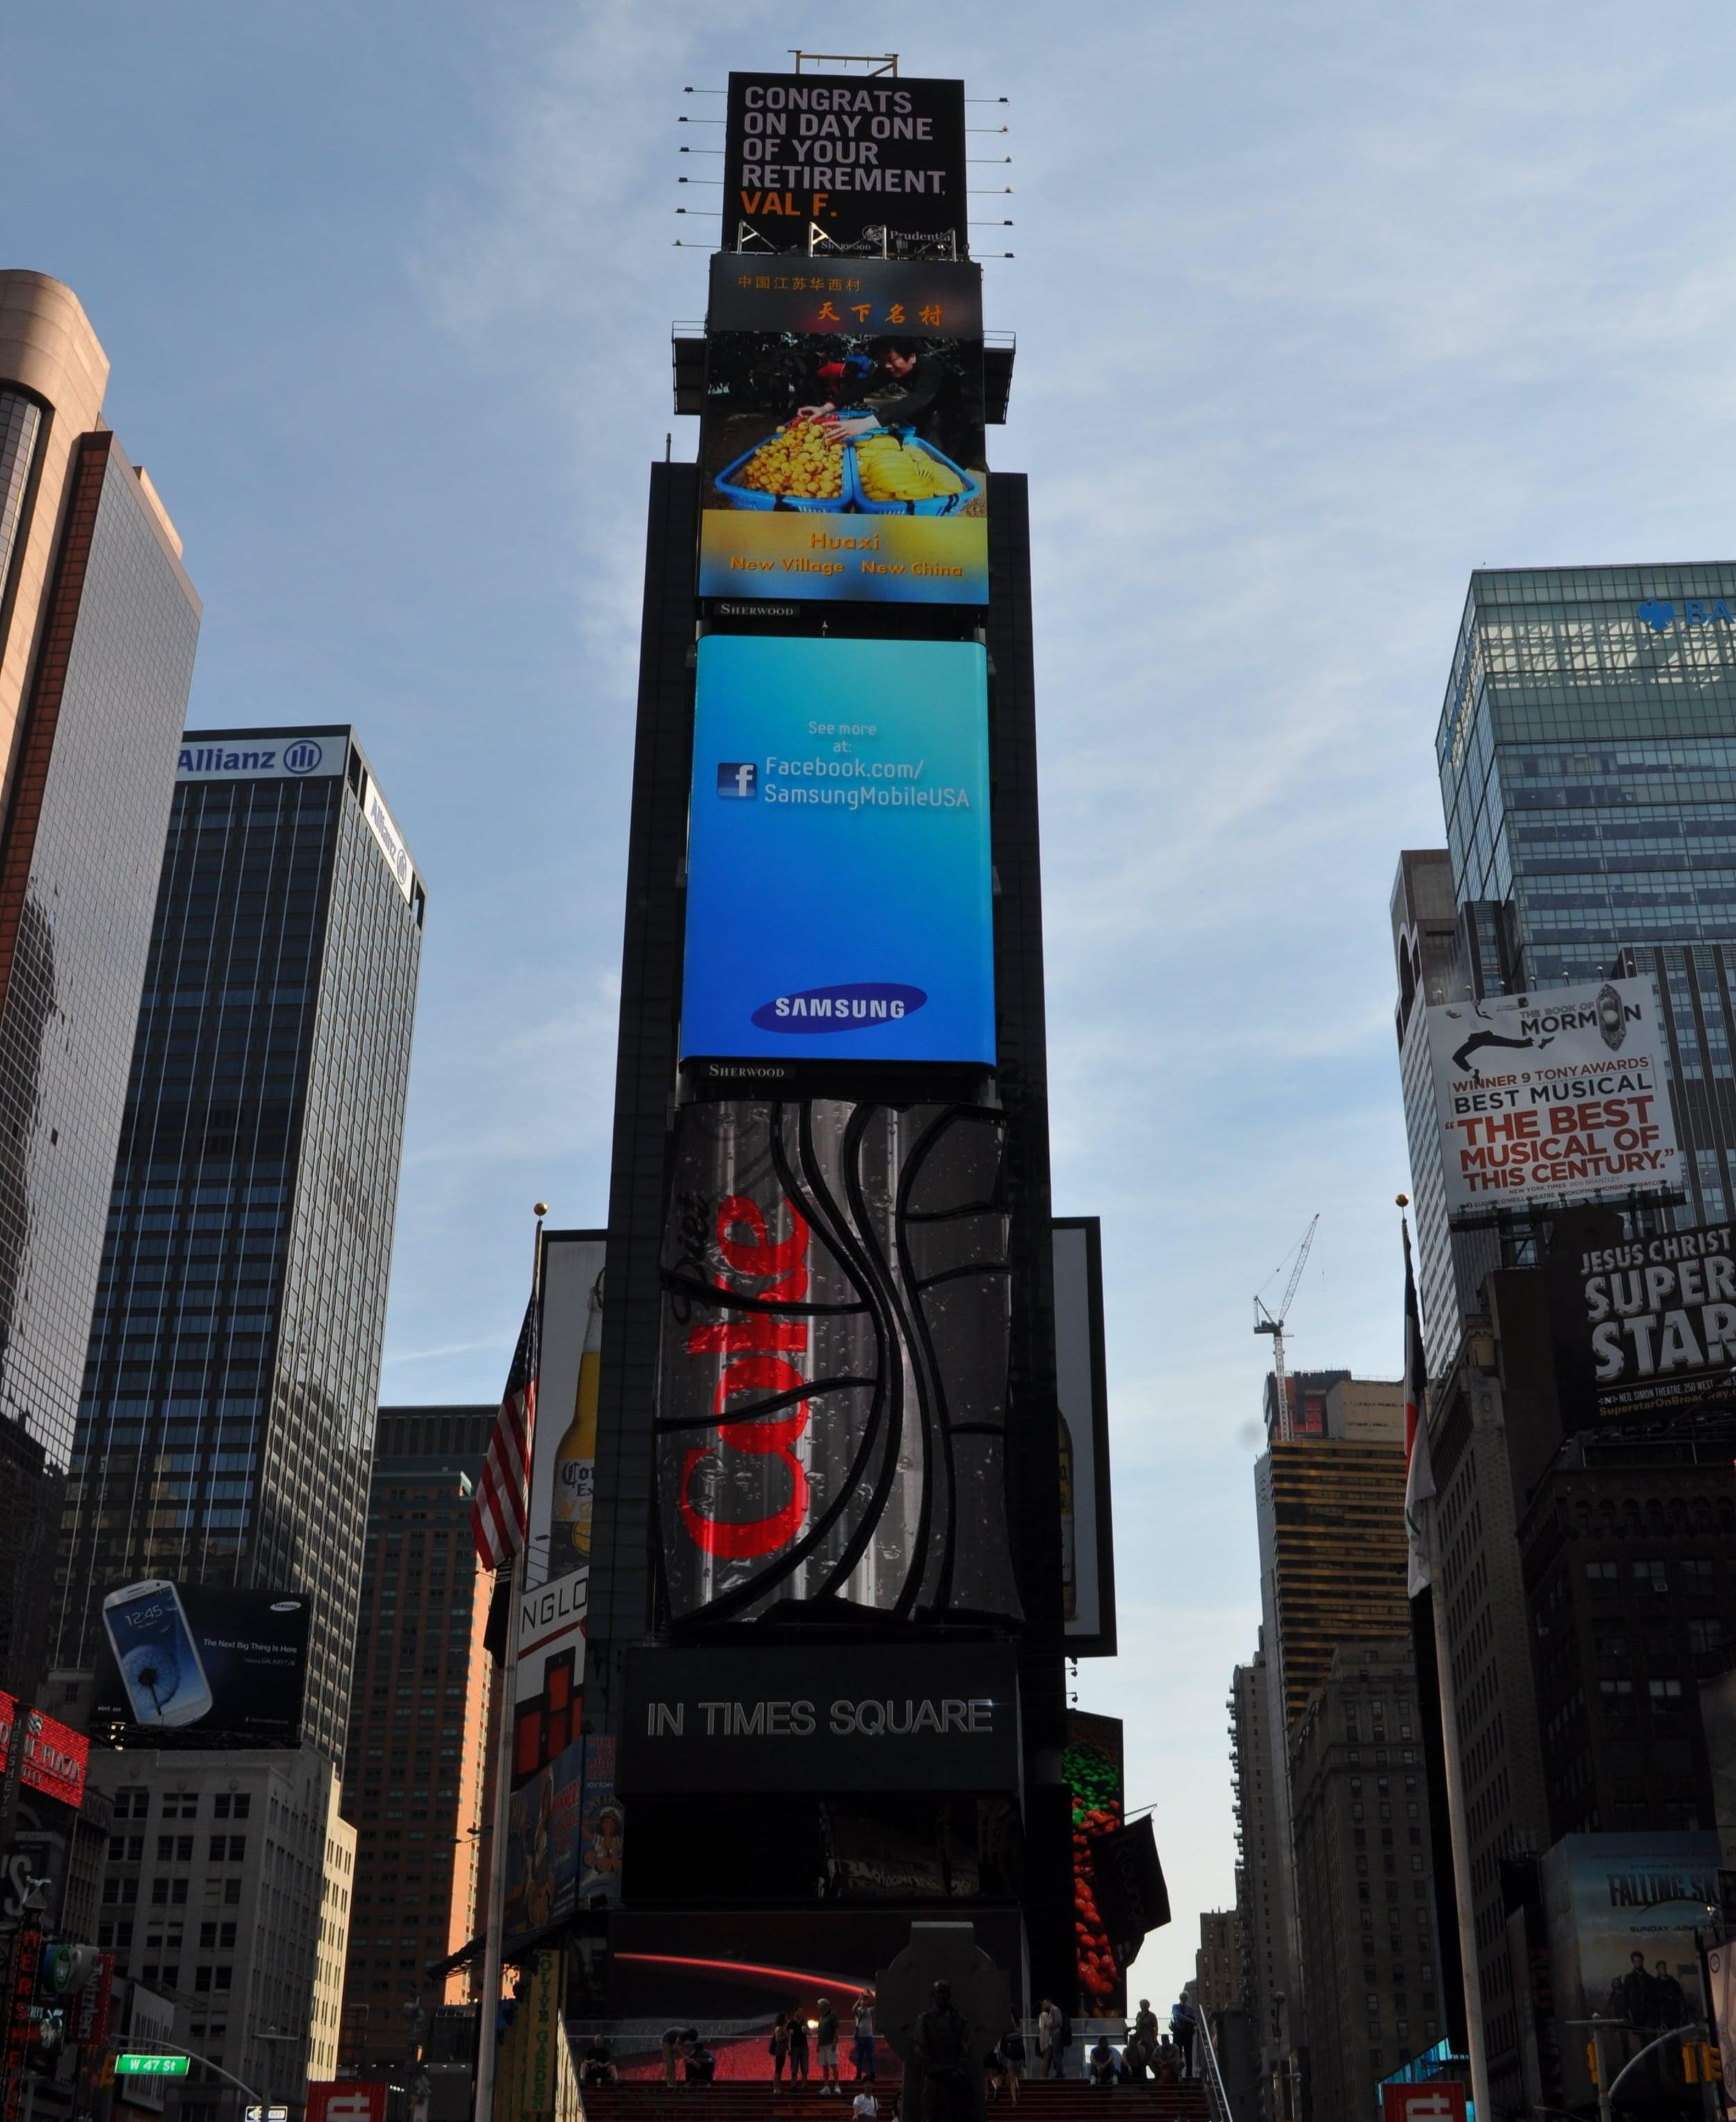 Siempre hay algo pasando en Times Square. Foto: Pamy Rojas